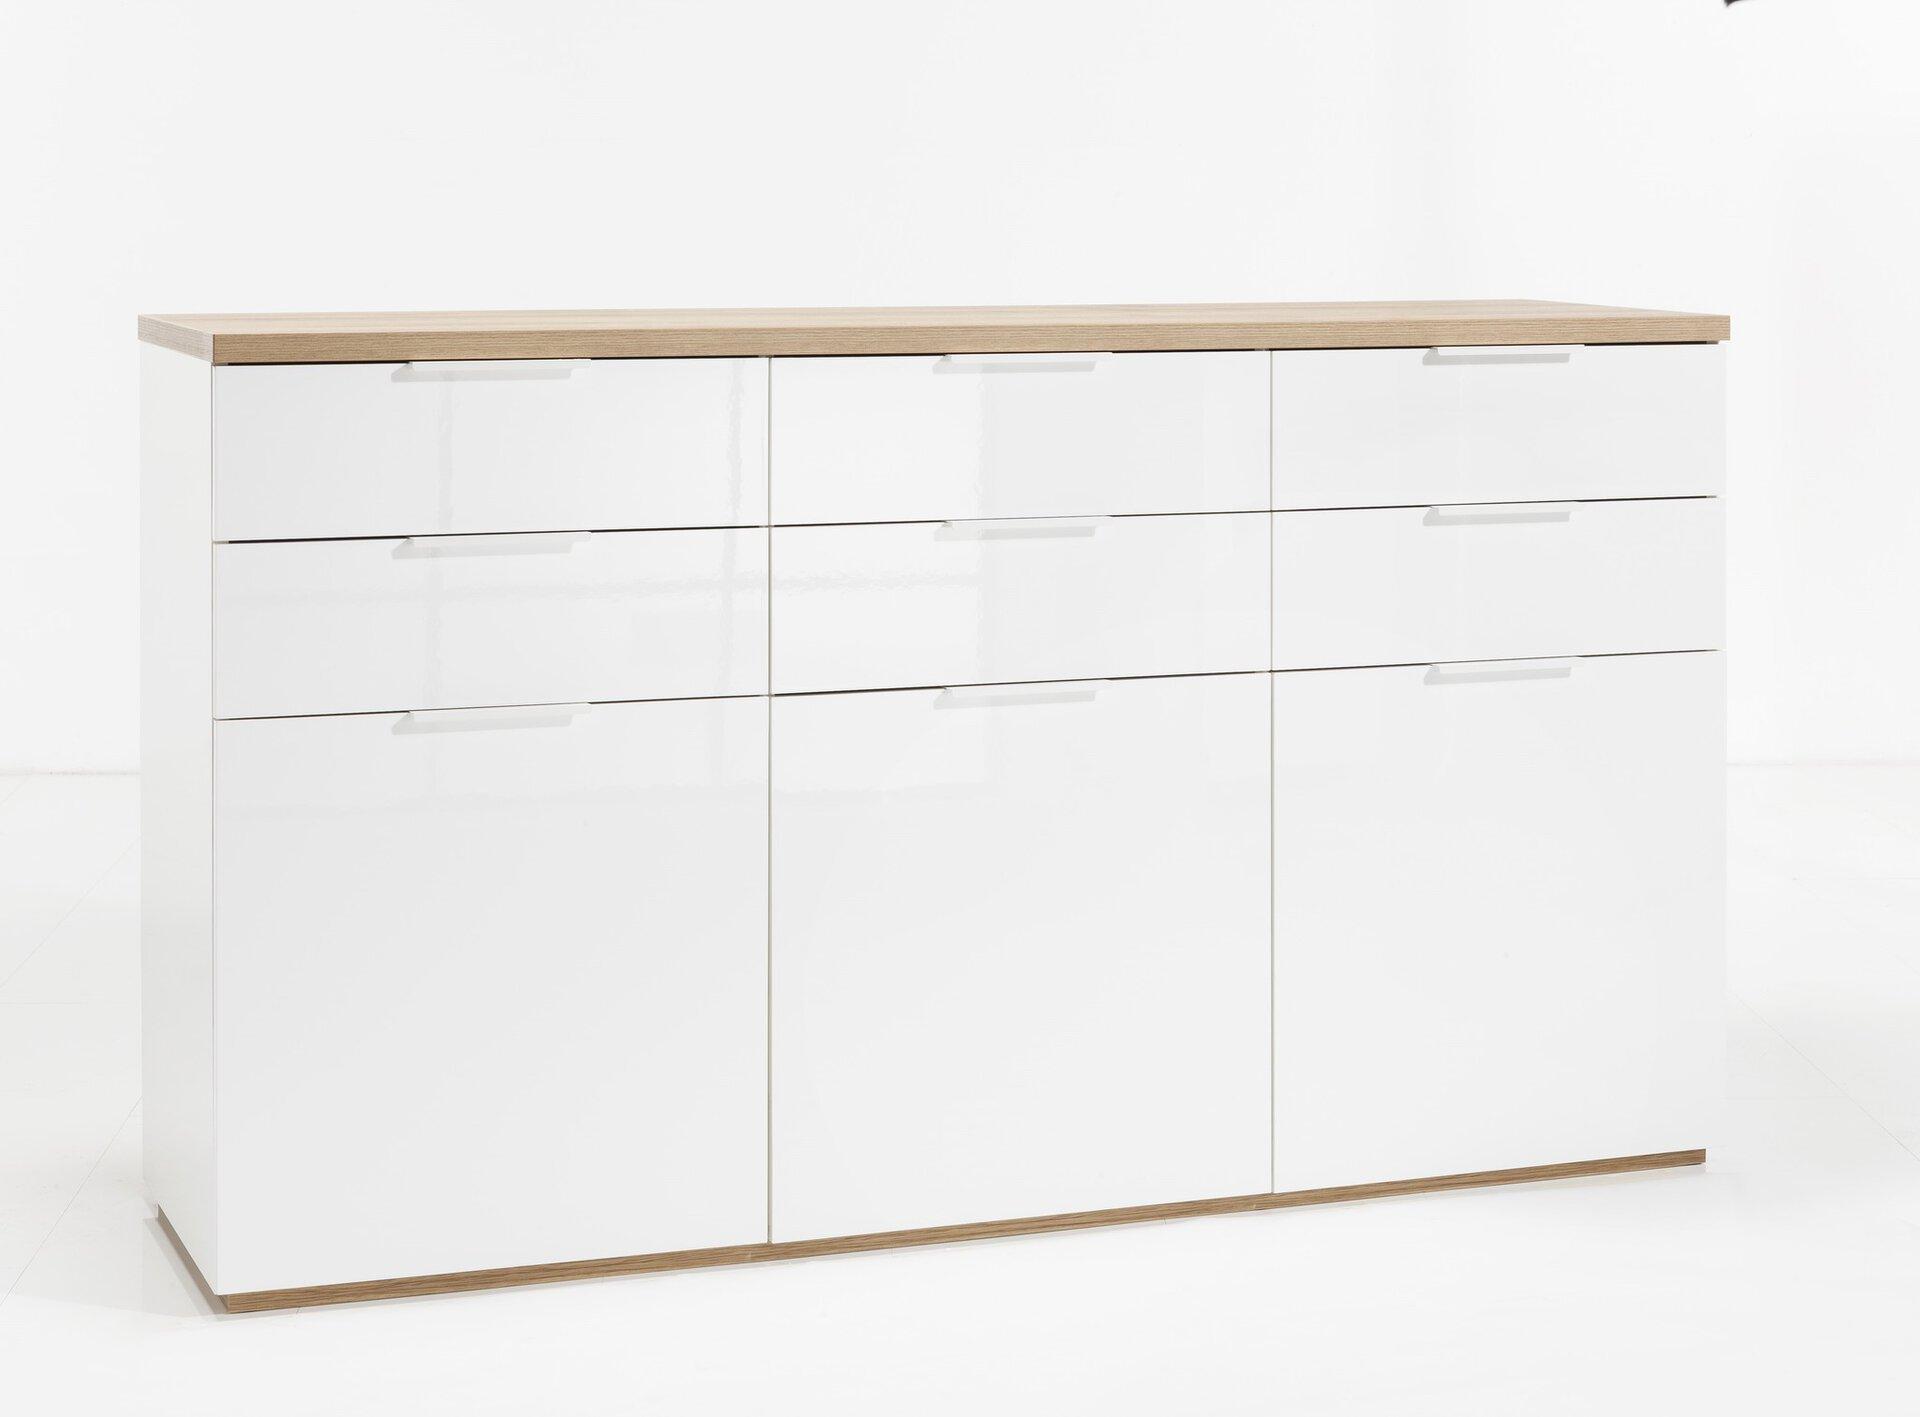 Schuhschrank Mundi inDoor Holzwerkstoff 50 x 102 x 180 cm